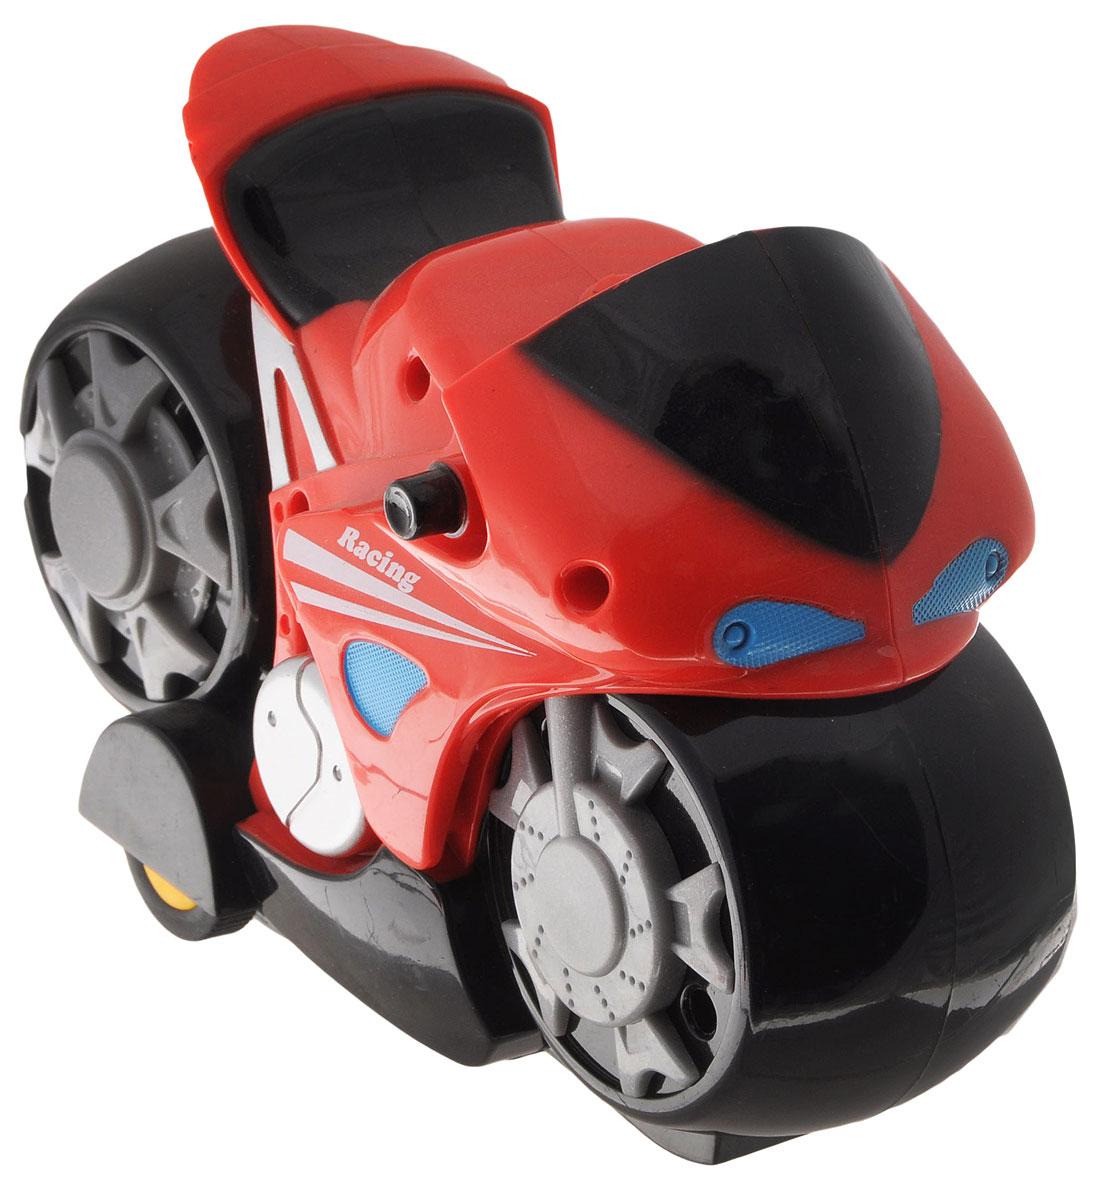 """Мотоцикл на радиоуправлении Mioshi """"Мотокросс"""" - это очень интересная и занимательная игрушка. Выполнена в ярком дизайне из прочных и безопасных материалов. Мотоцикл оснащен подсветкой и звуковыми эффектами. Такая игрушка поможет малышу развить цветовое восприятие, мелкую моторику рук, координацию движений, фантазию и воображение. Мотоцикл разнообразит игровые ситуации и откроет малышу новые сюжеты. Не упустите шанс порадовать своего ребенка замечательным подарком! Для работы мотоцикла необходимо купить 3 батарейки типа АА (не входят в комплект). Для работы пульта управления необходимо купить 2 батарейки типа АА (не входят в комплект)."""